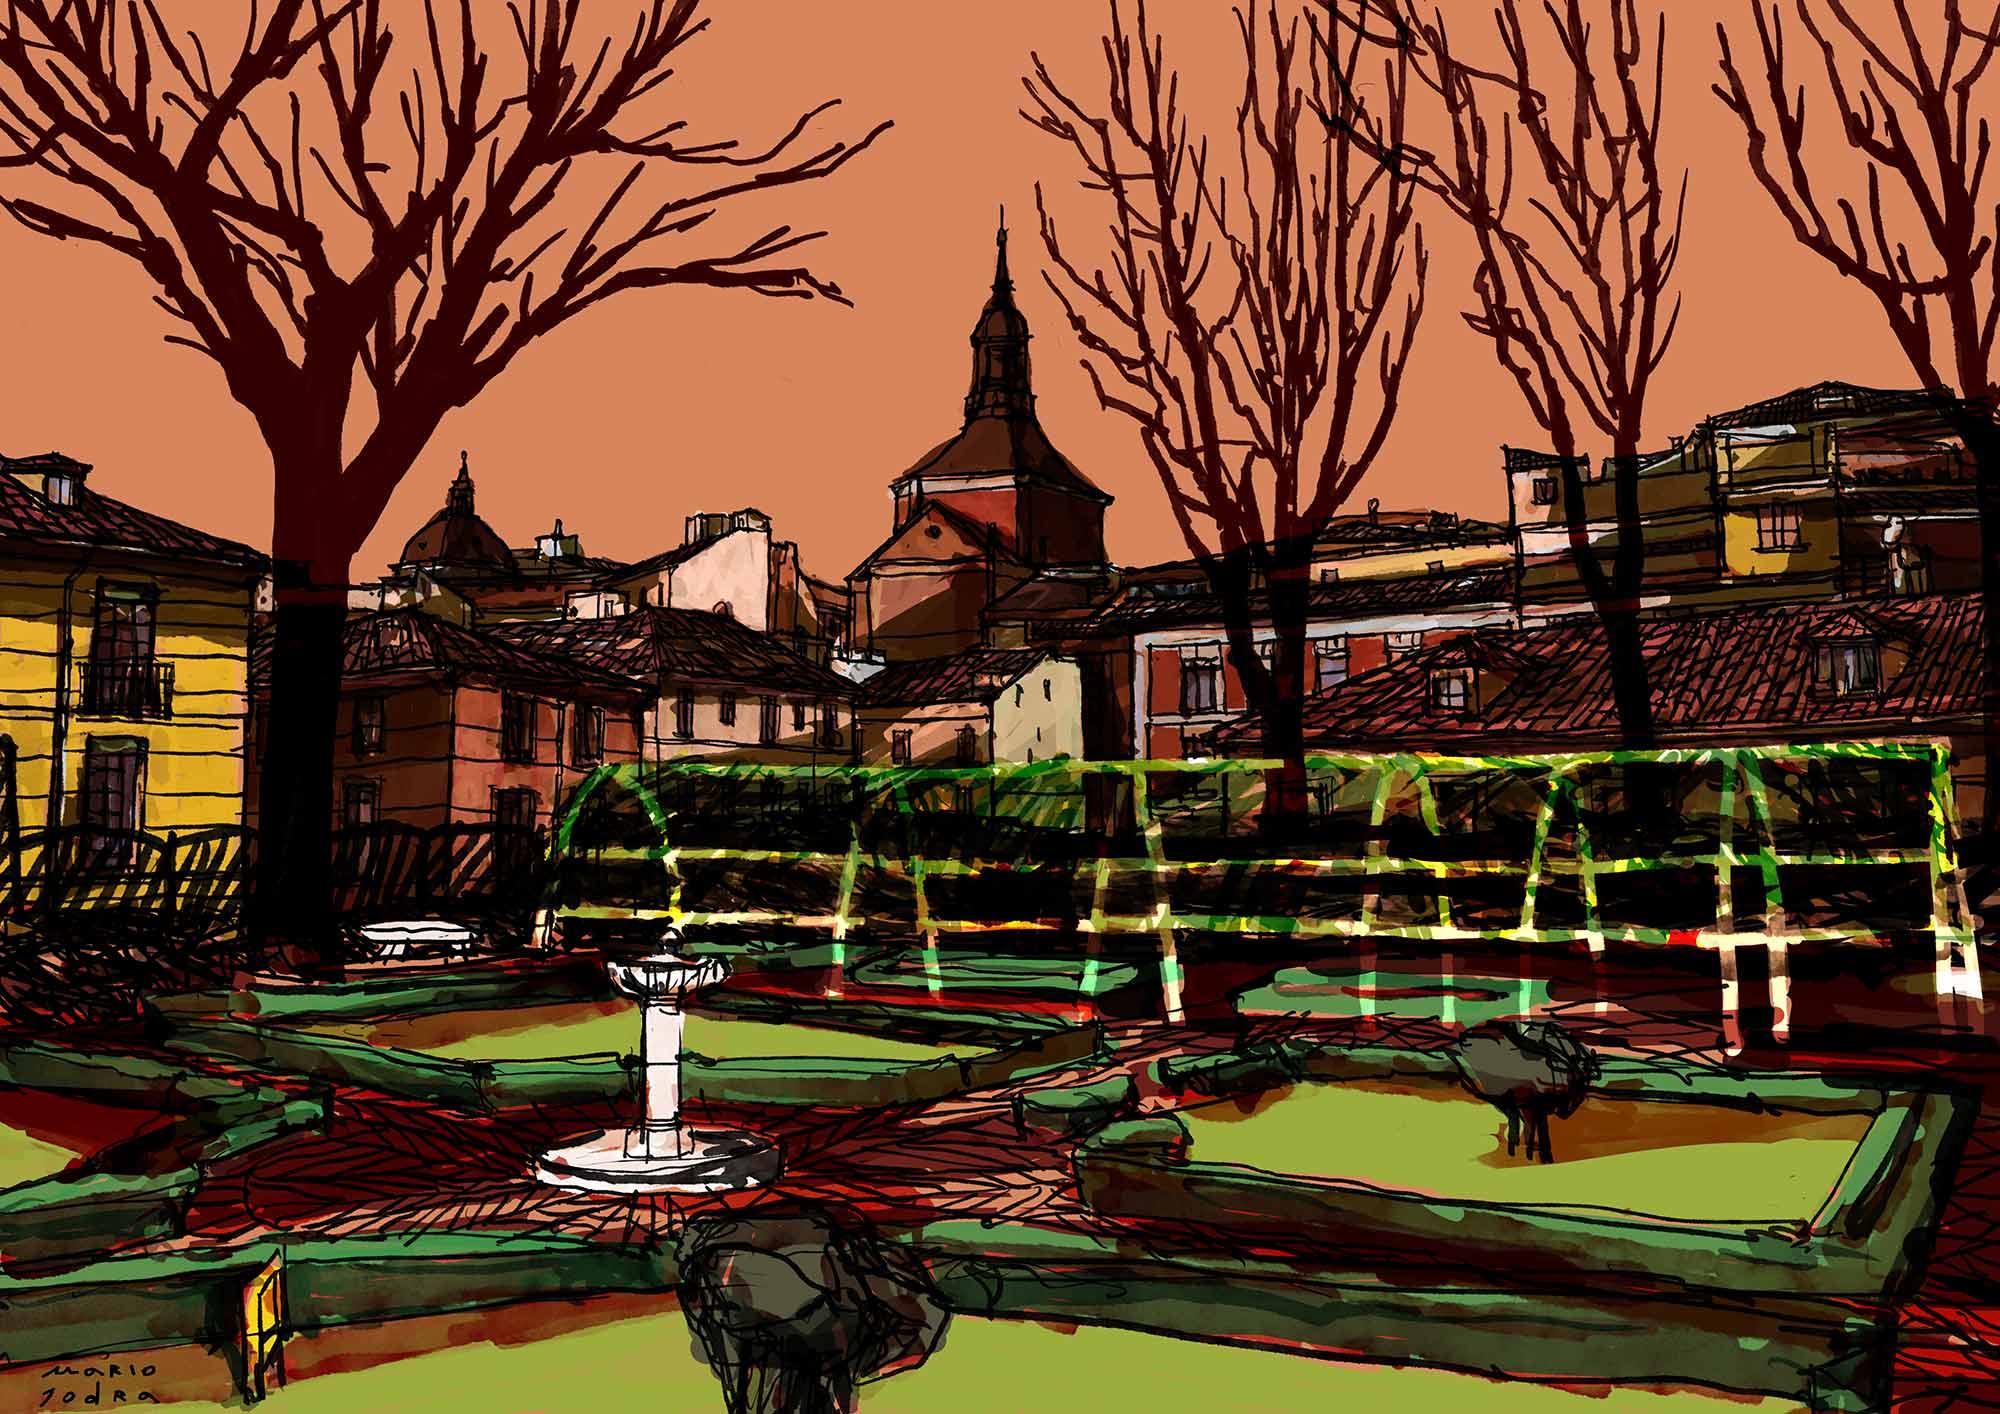 Mario Jodra illustration - Winter sunset at Prince of Anglona Garden - Atardecer de invierno en el jardín del Príncipe de Anglona, Madrid.